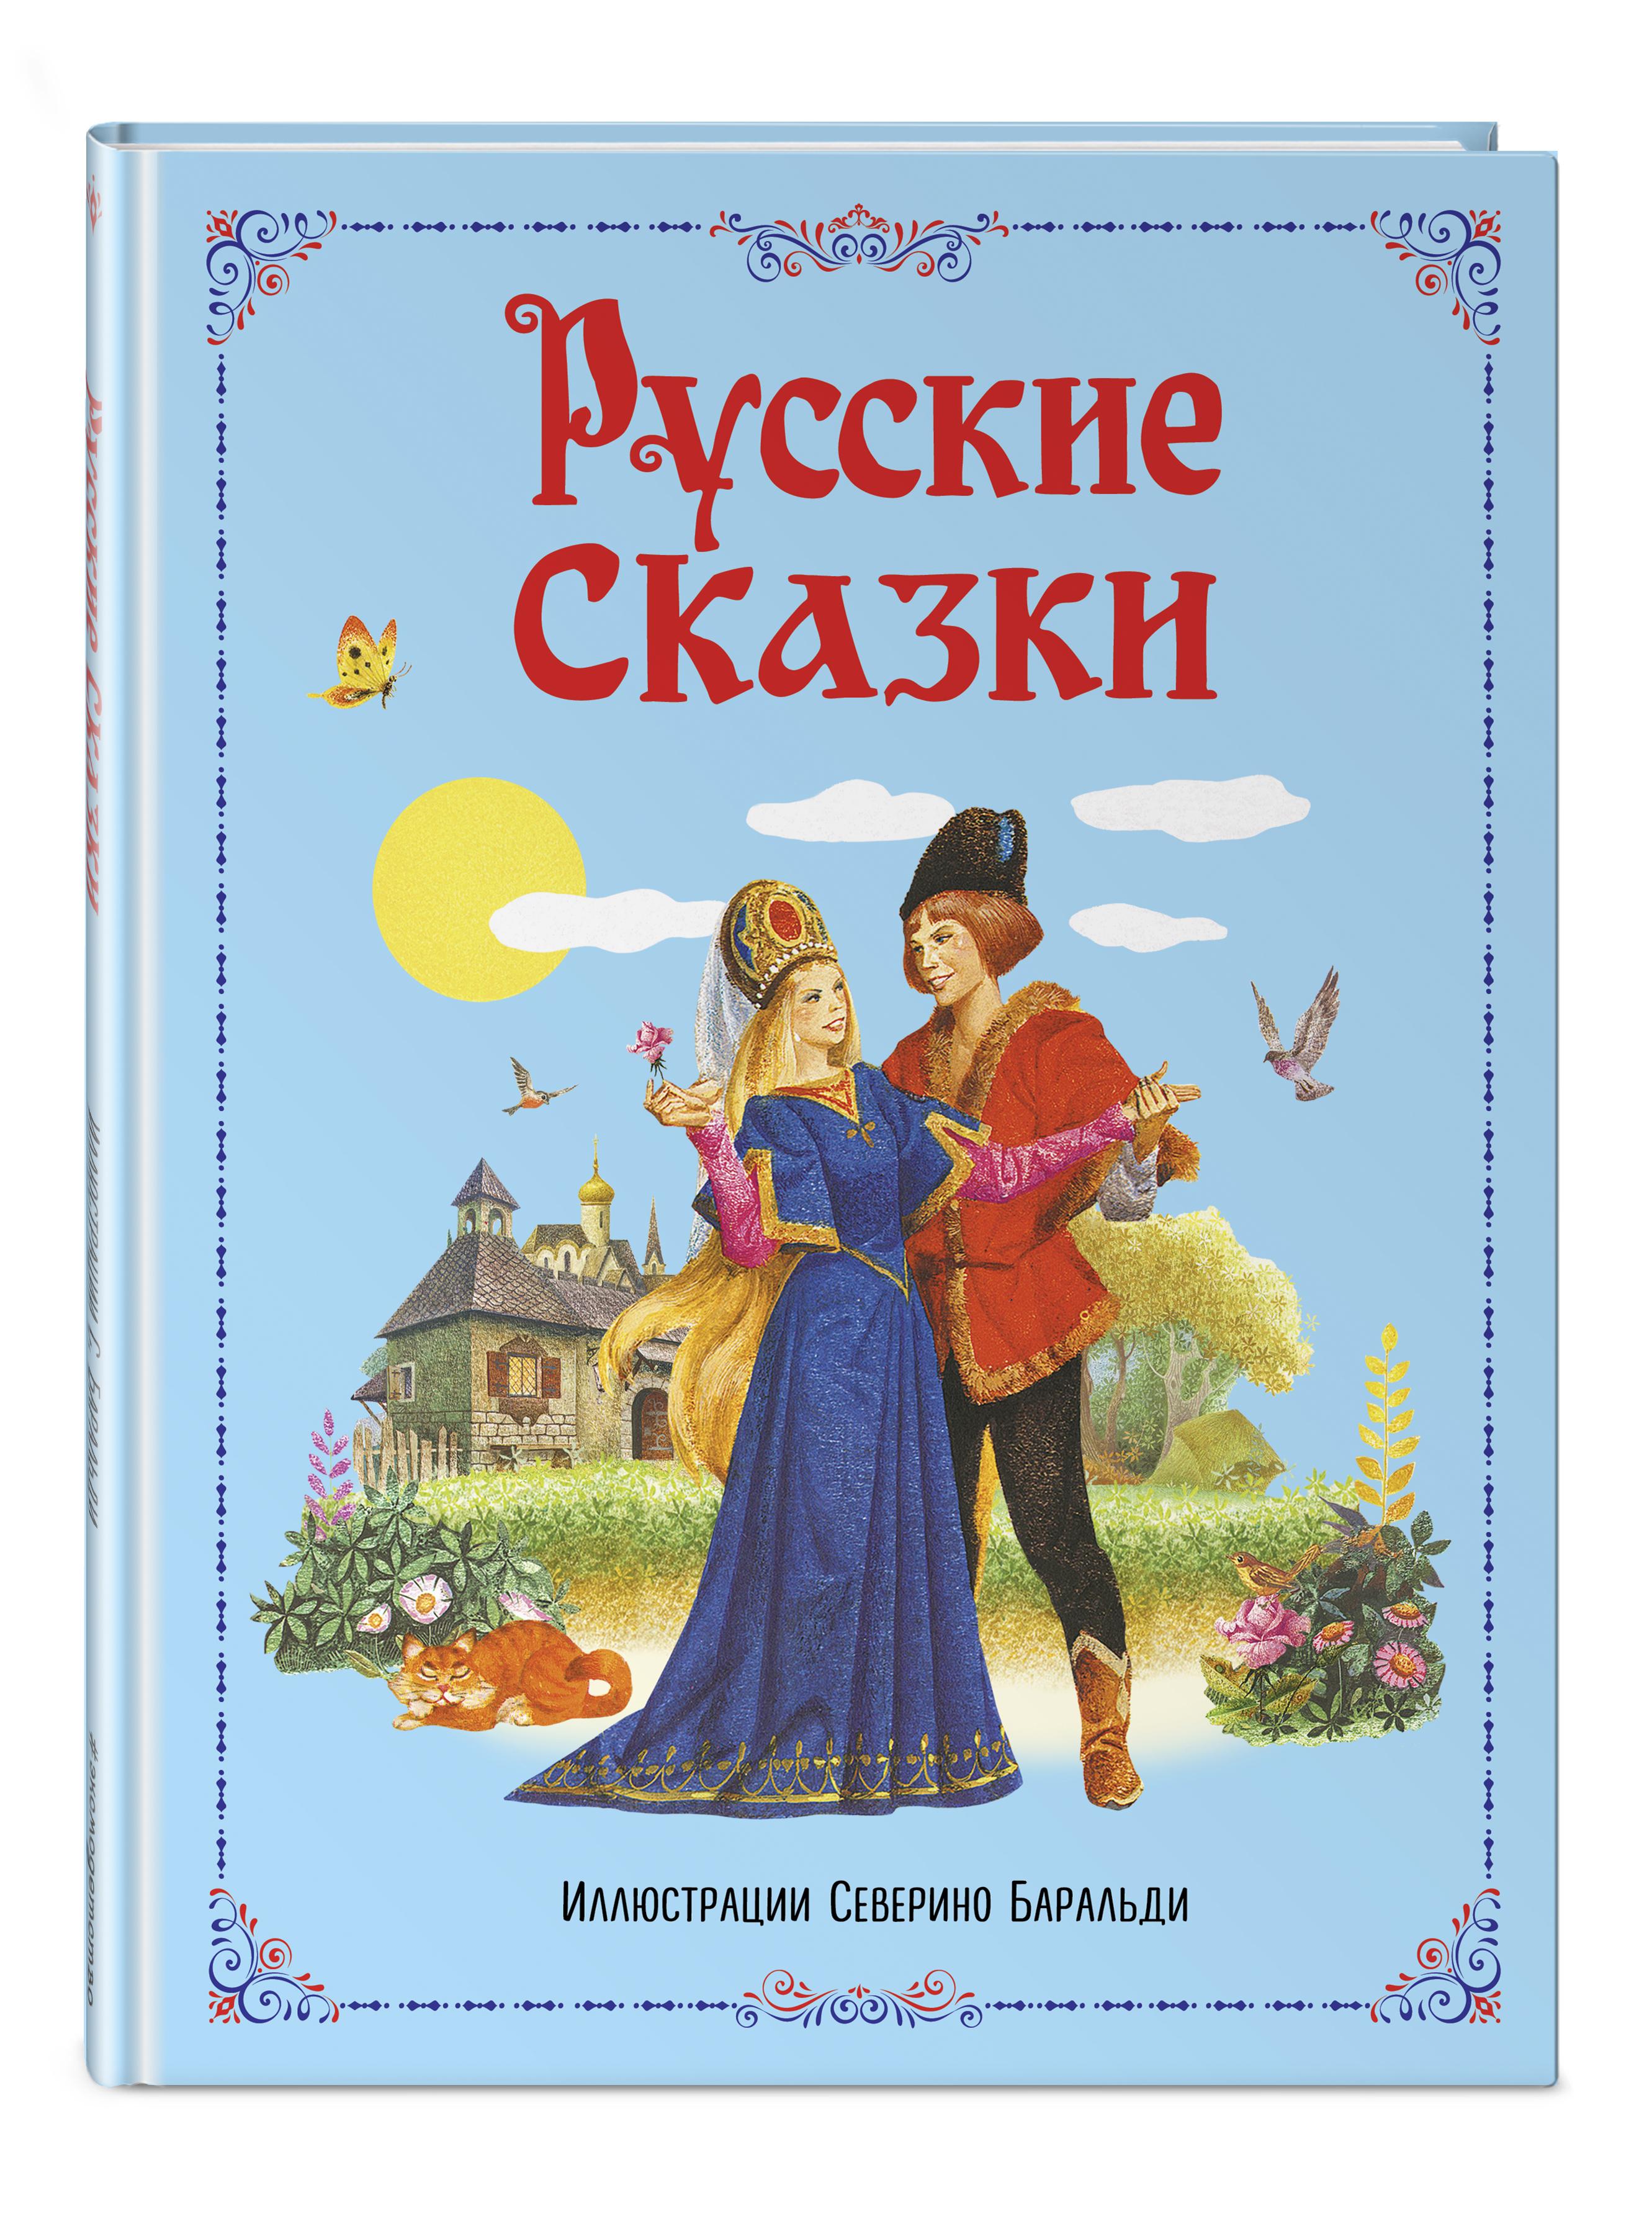 Русские сказки (ил. С. Баральди) эксмо русские сказки ил с баральди